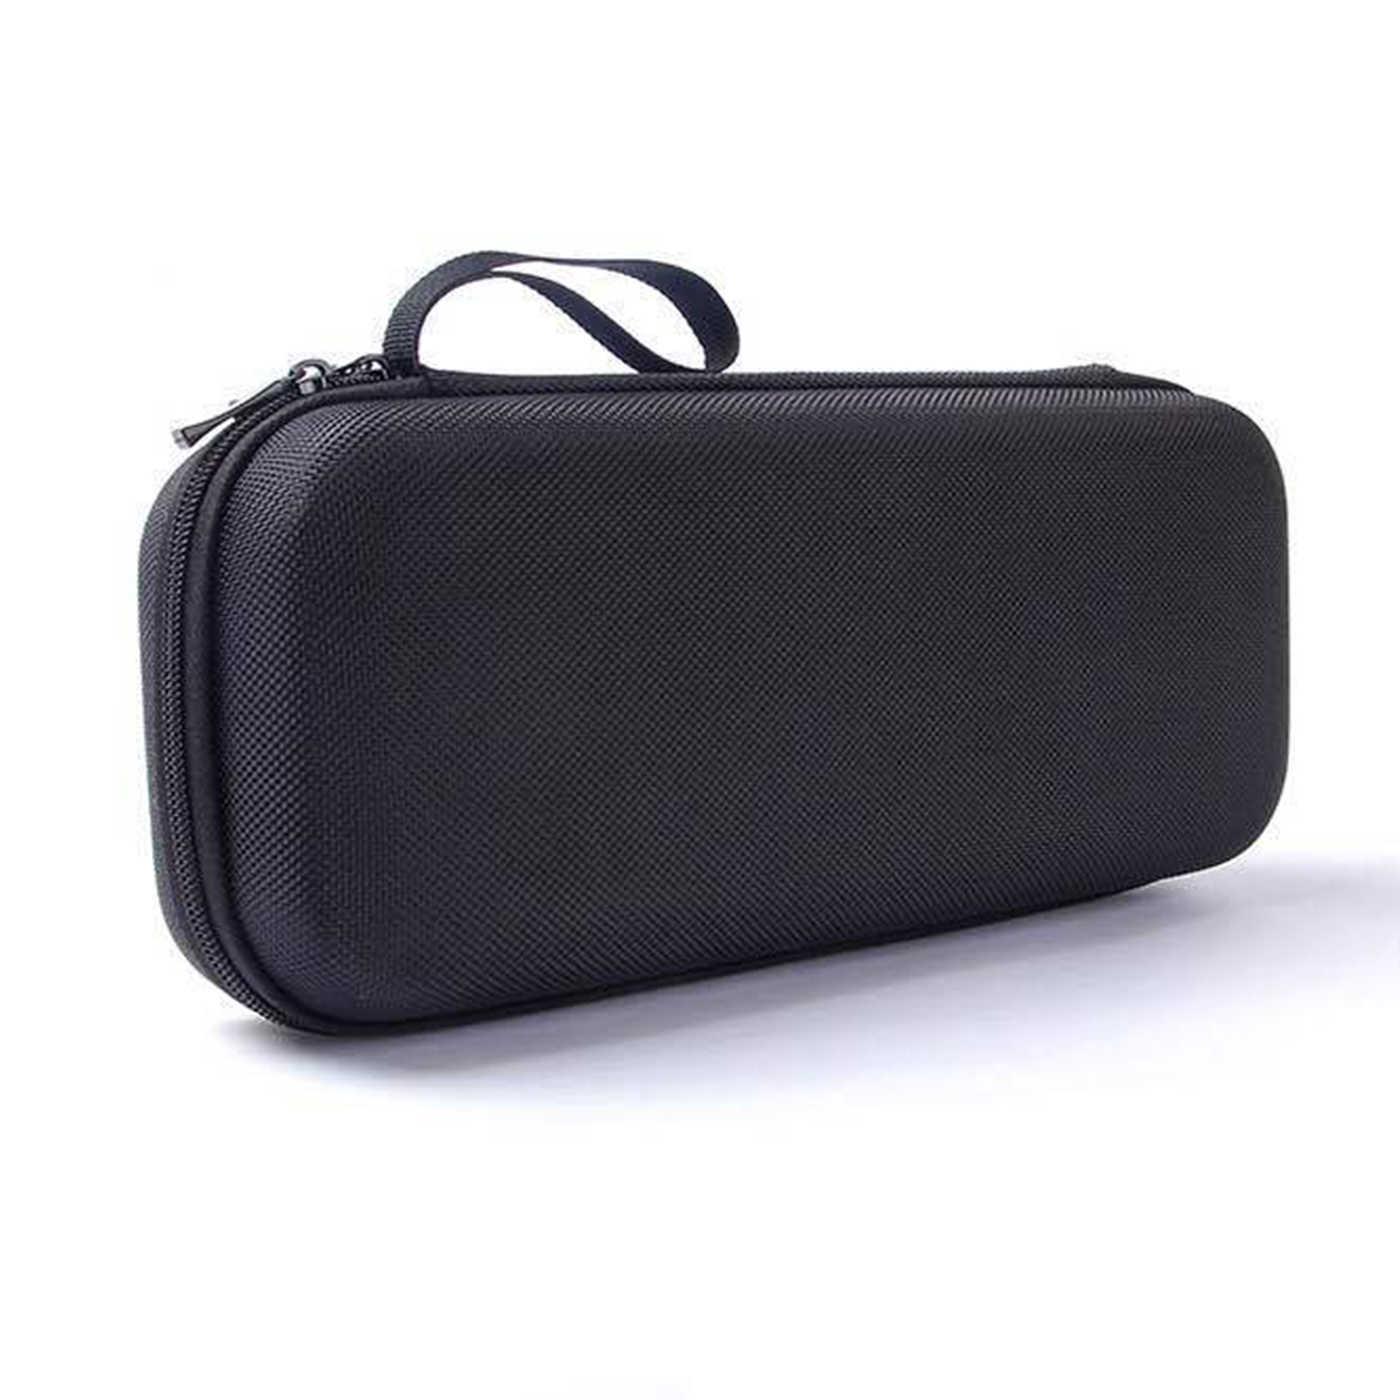 Portable Perjalanan EVA Tas Penyimpanan Stetoskop Kasus Peralatan Medis Stetoskop Tas untuk Stethoscope Accessories Kit Medis